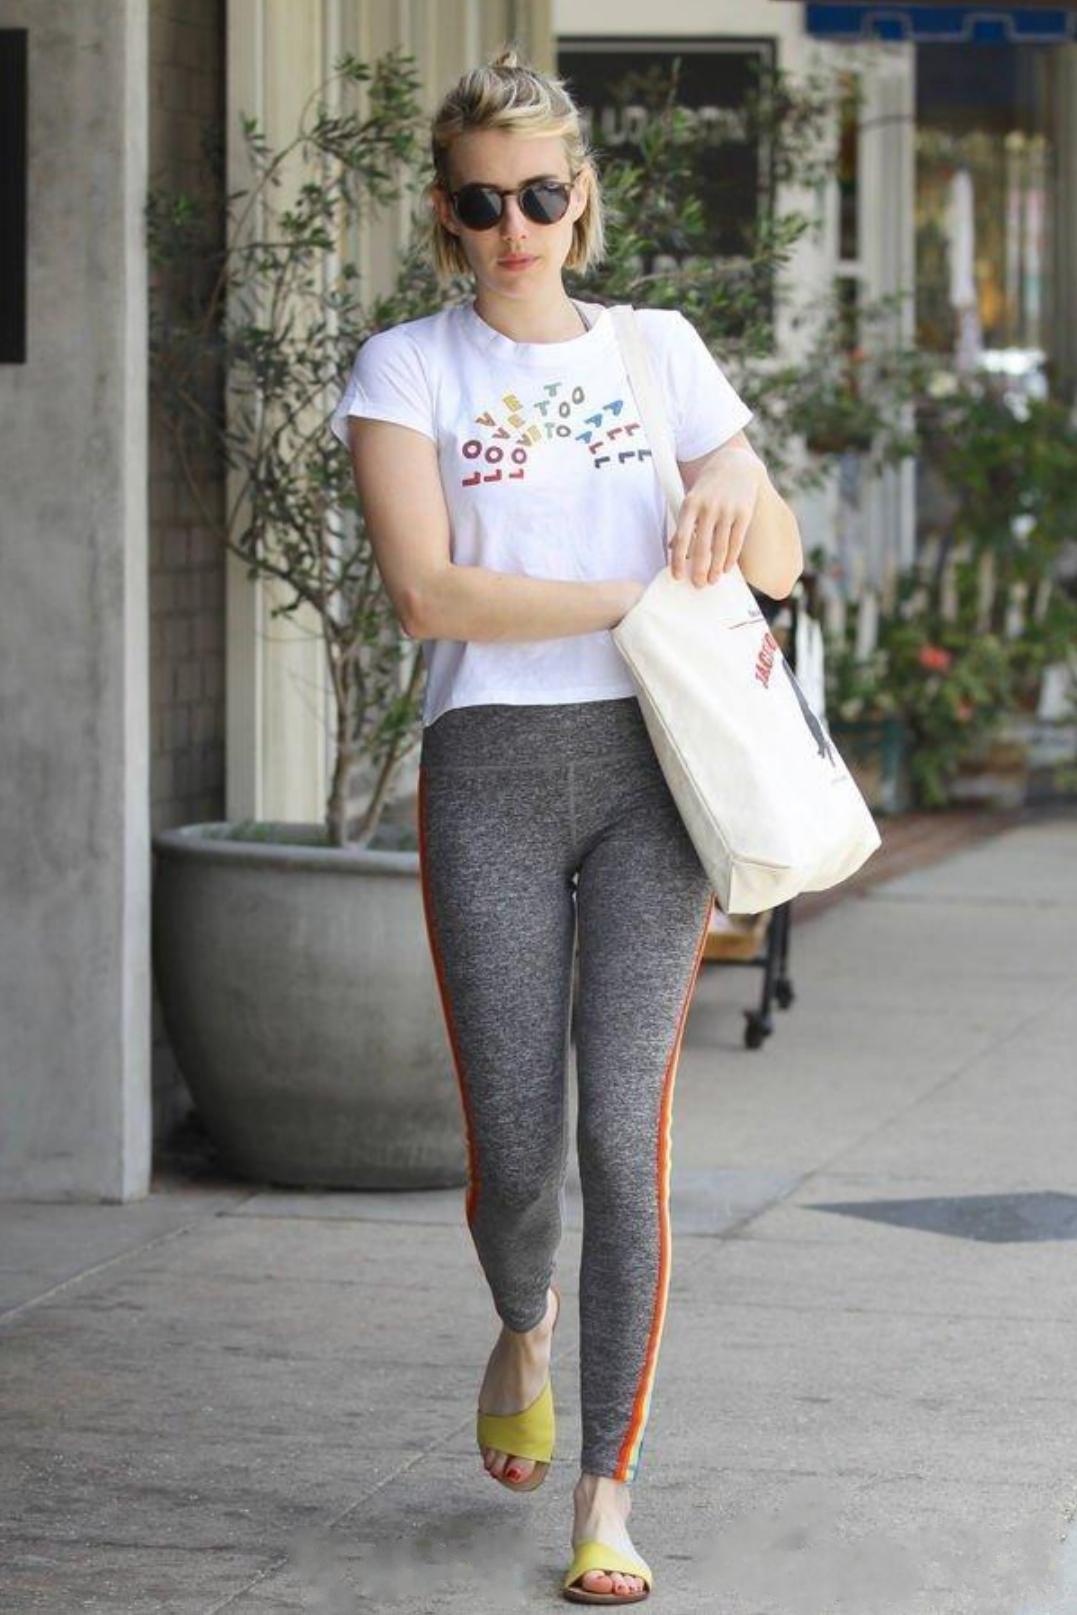 健身的女生穿紧身裤更能凸显自己的傲人曲线!